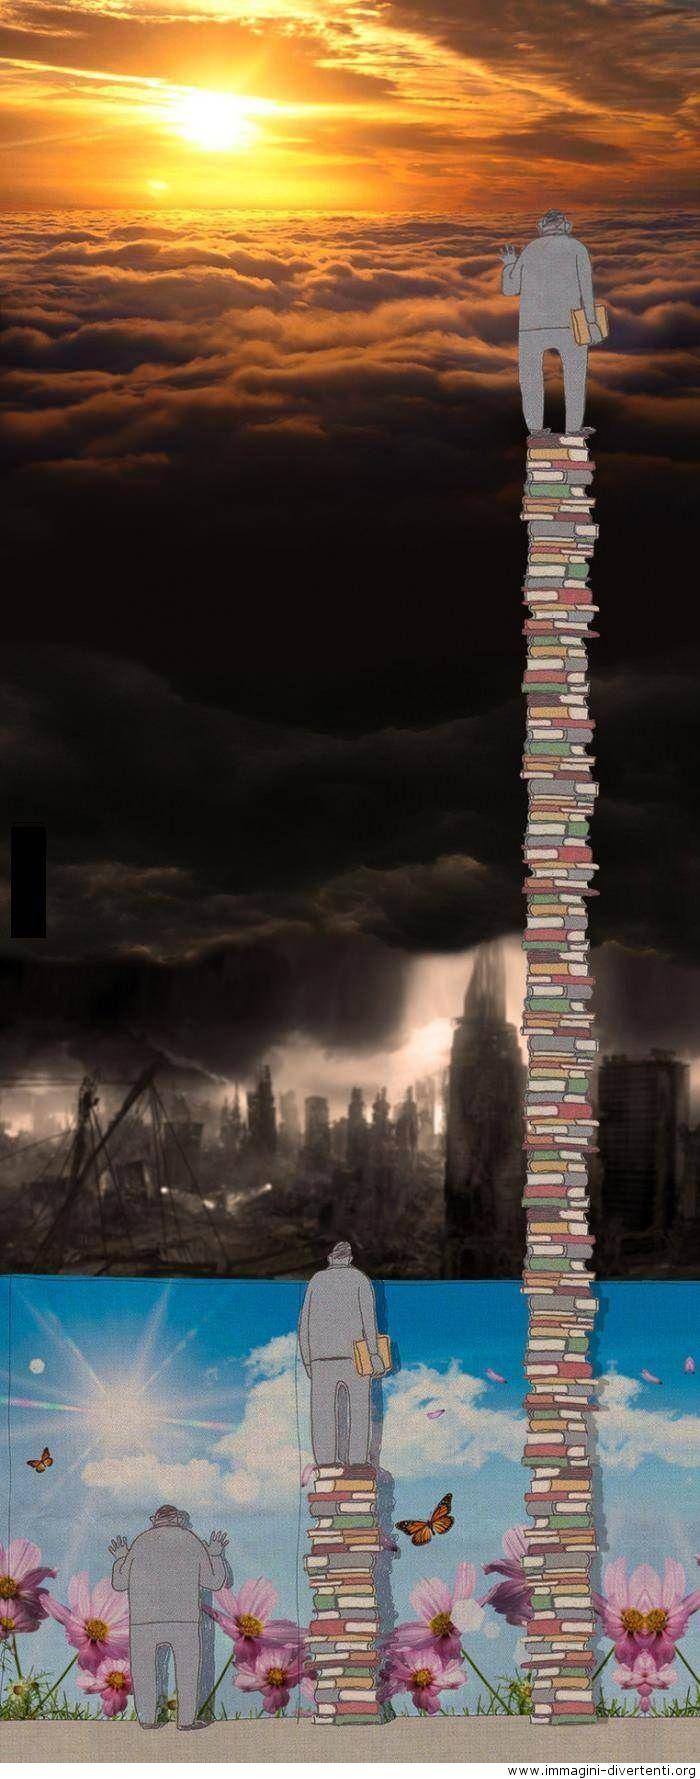 L'ignoranza crea illusione, conoscenza crea realtà, e sapienza rende liberi